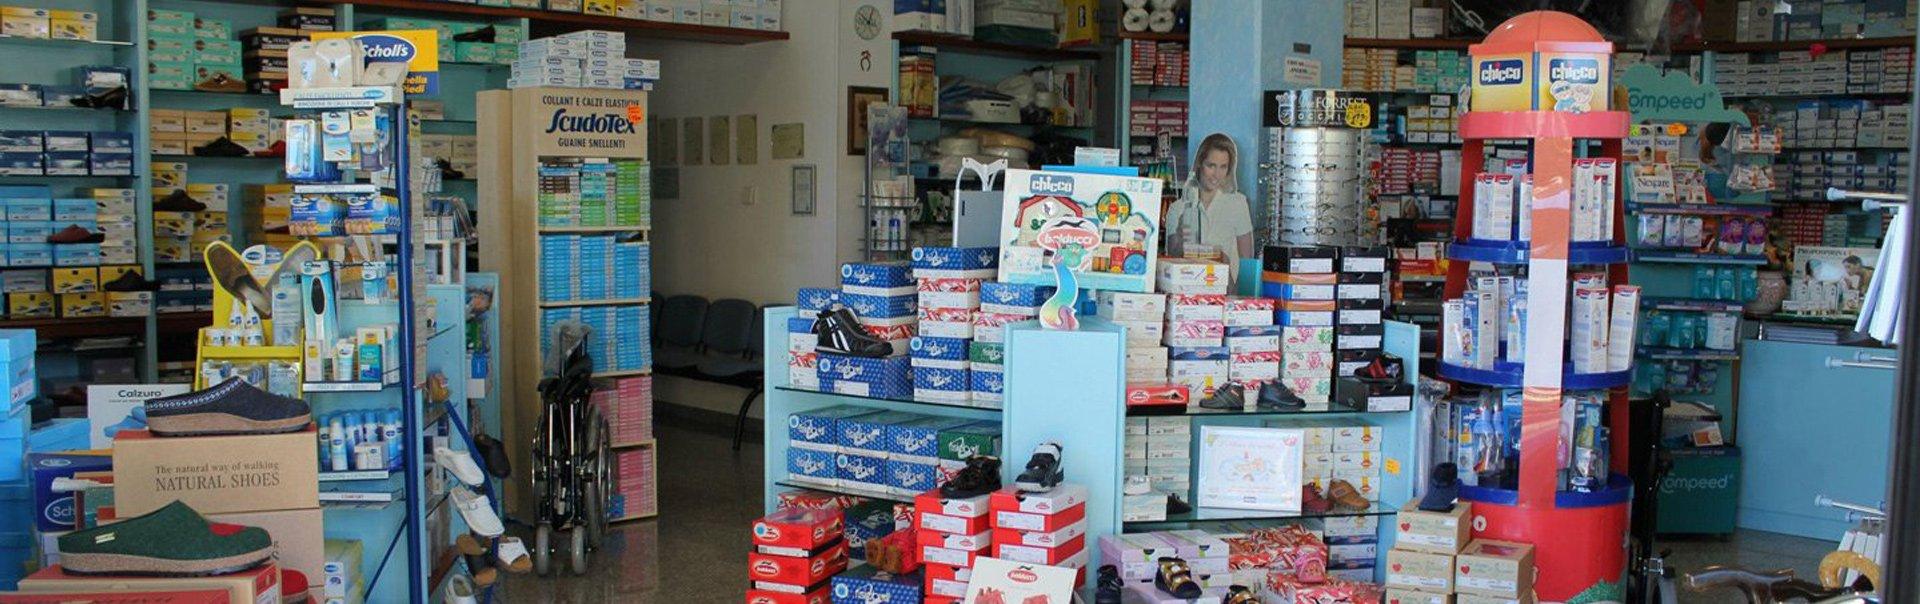 negozio di ortopedia